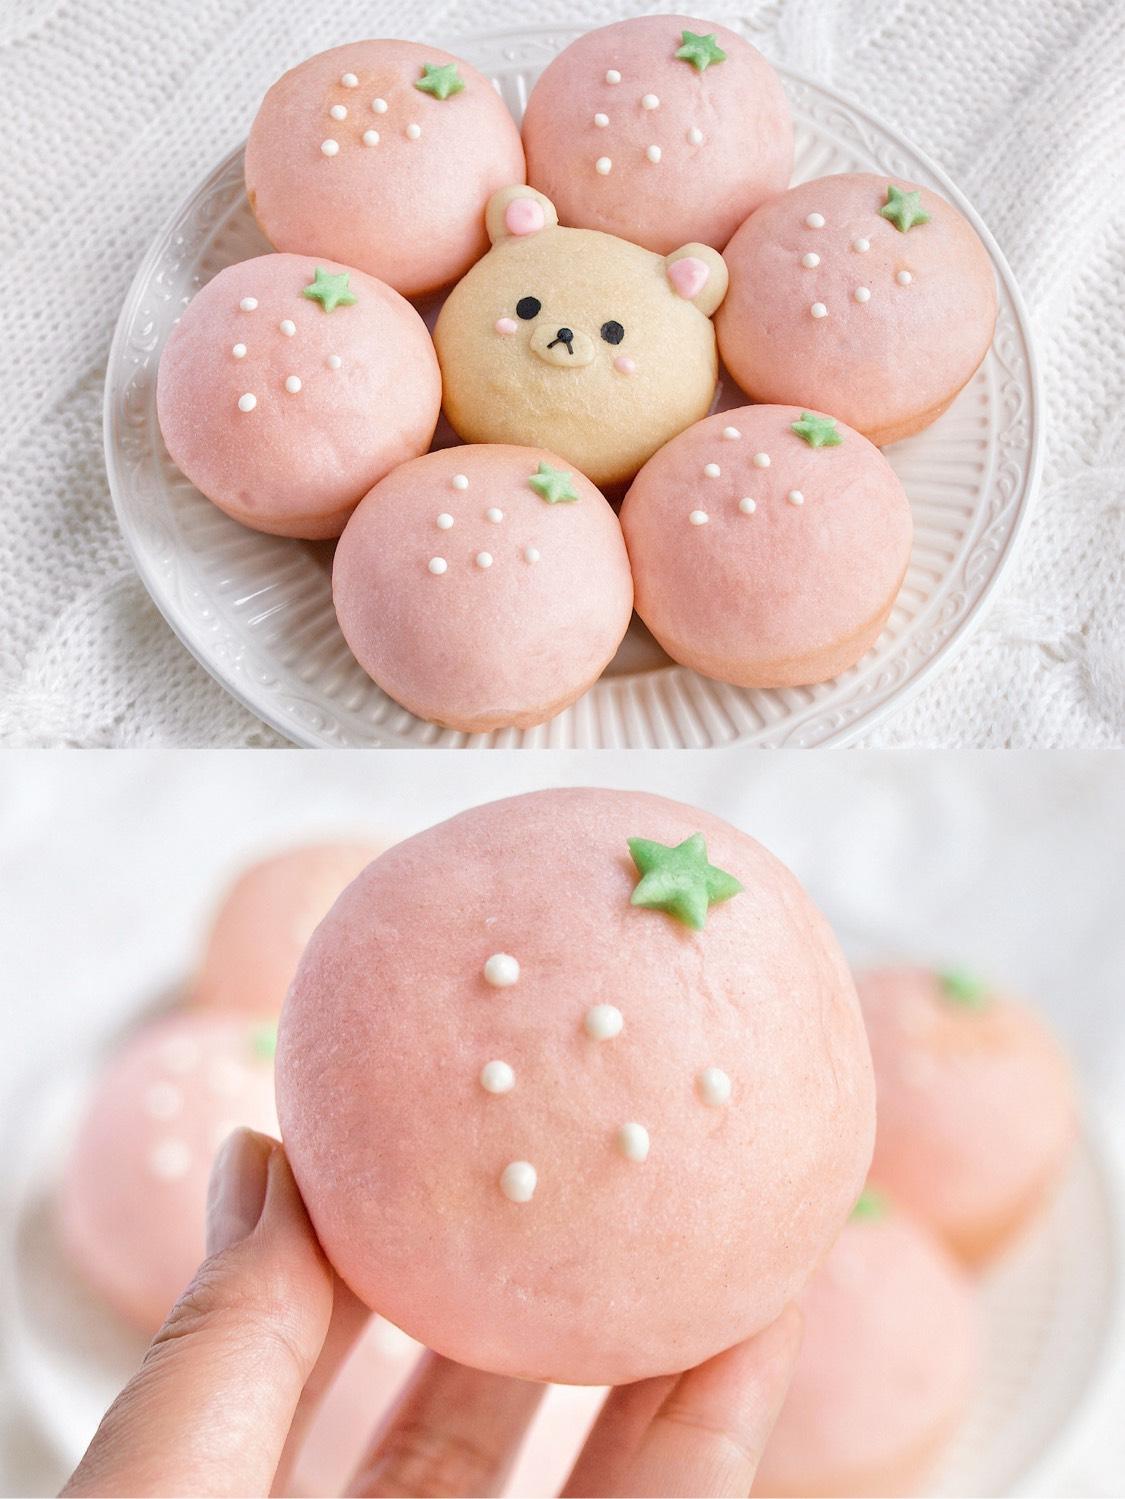 ㊙️吃可爱长大的🍓草莓&熊纸杯面包‼️